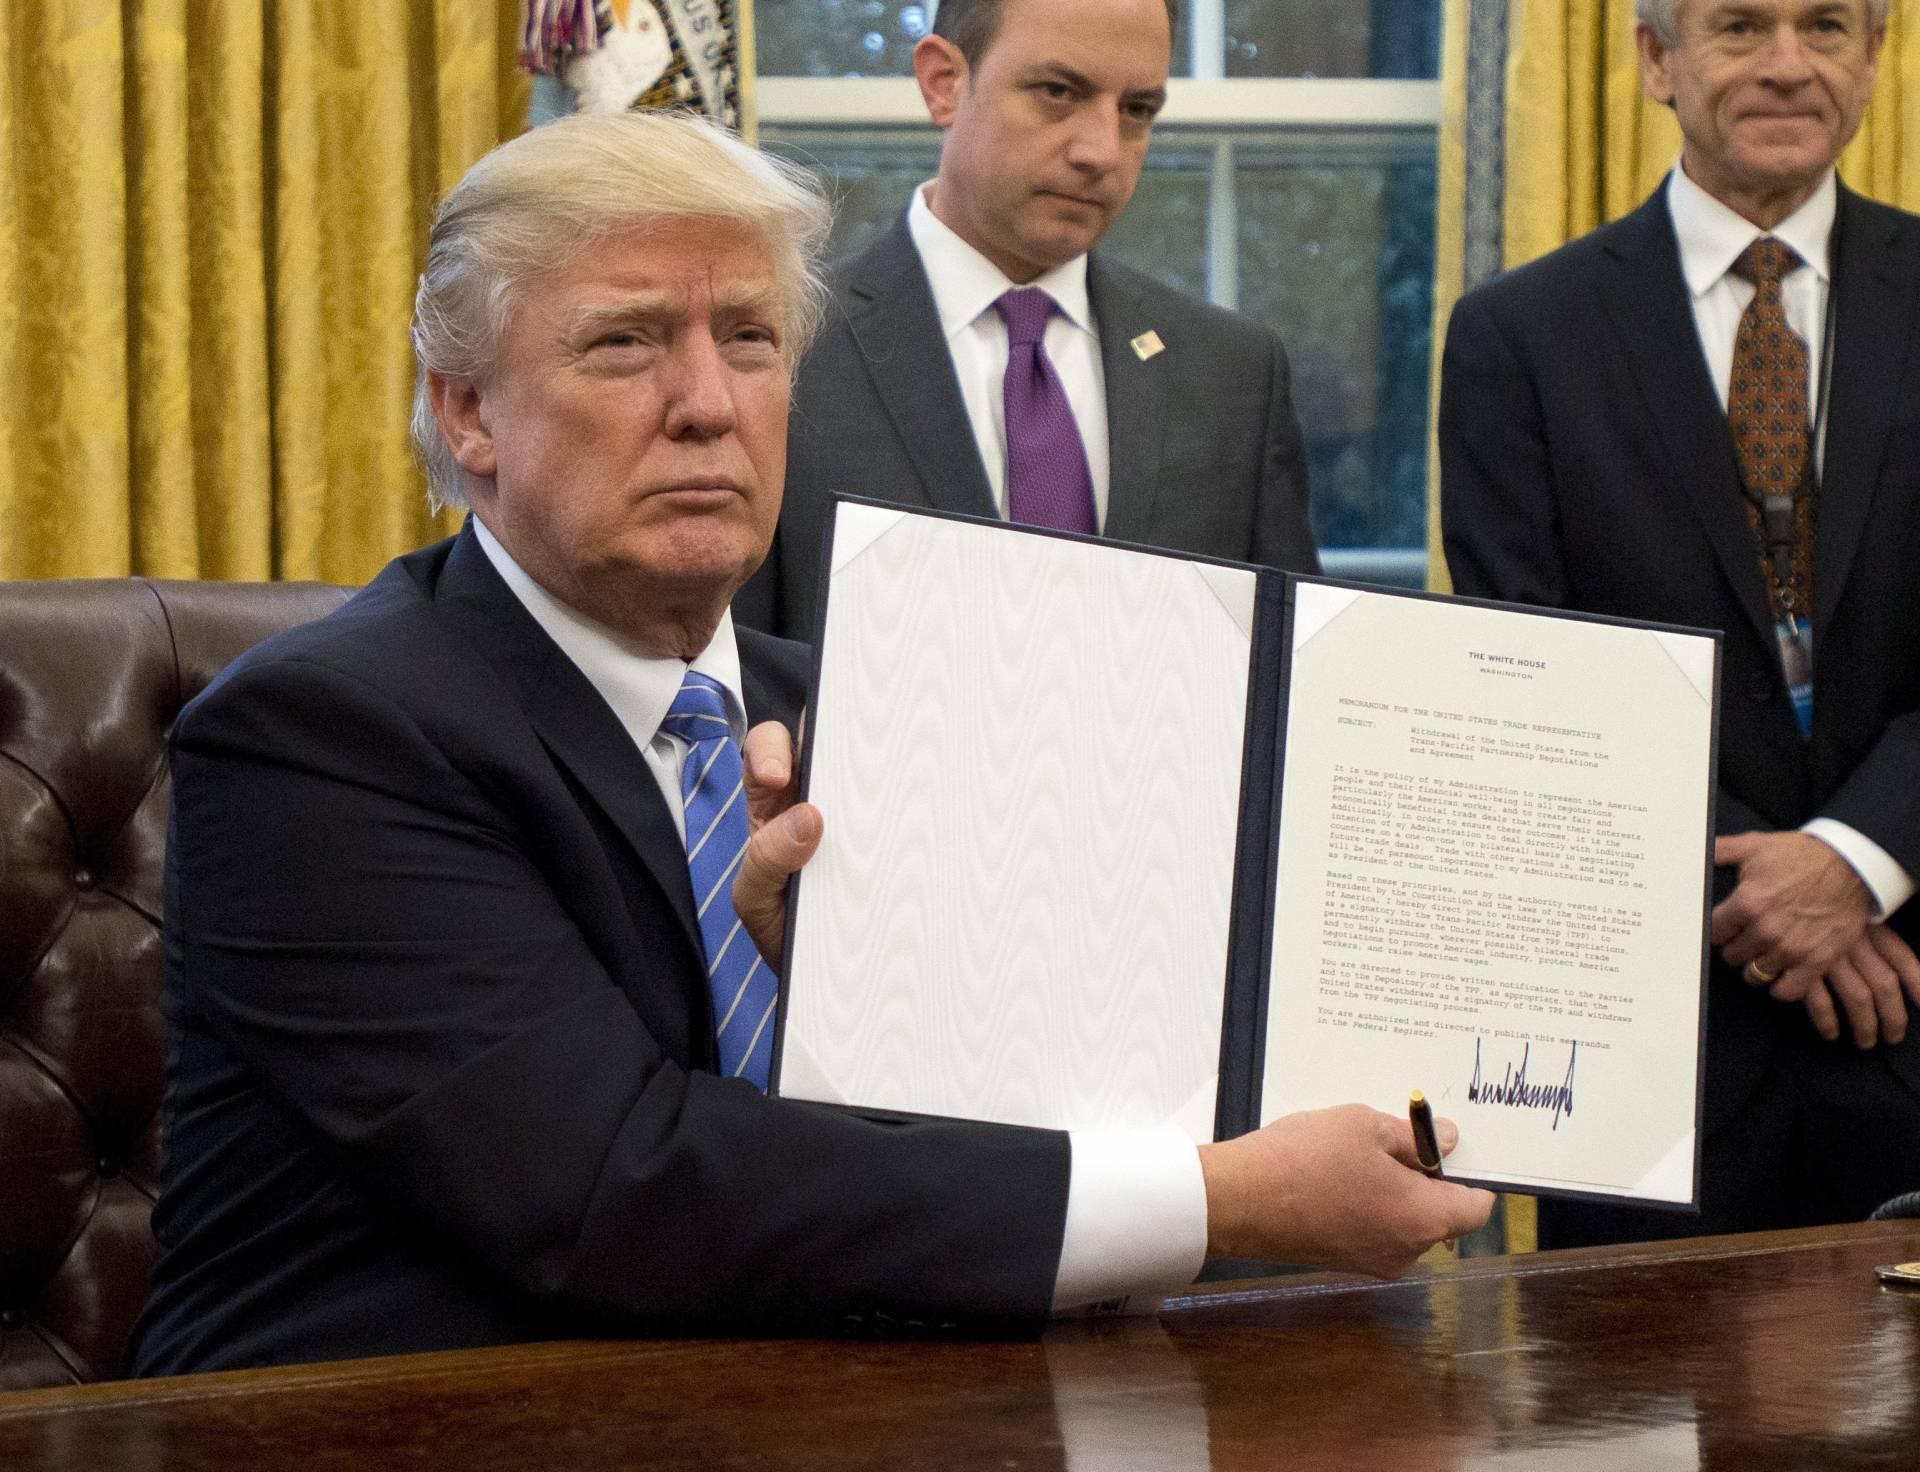 Donald Trump, en el despacho oval de la Casa Blanca.